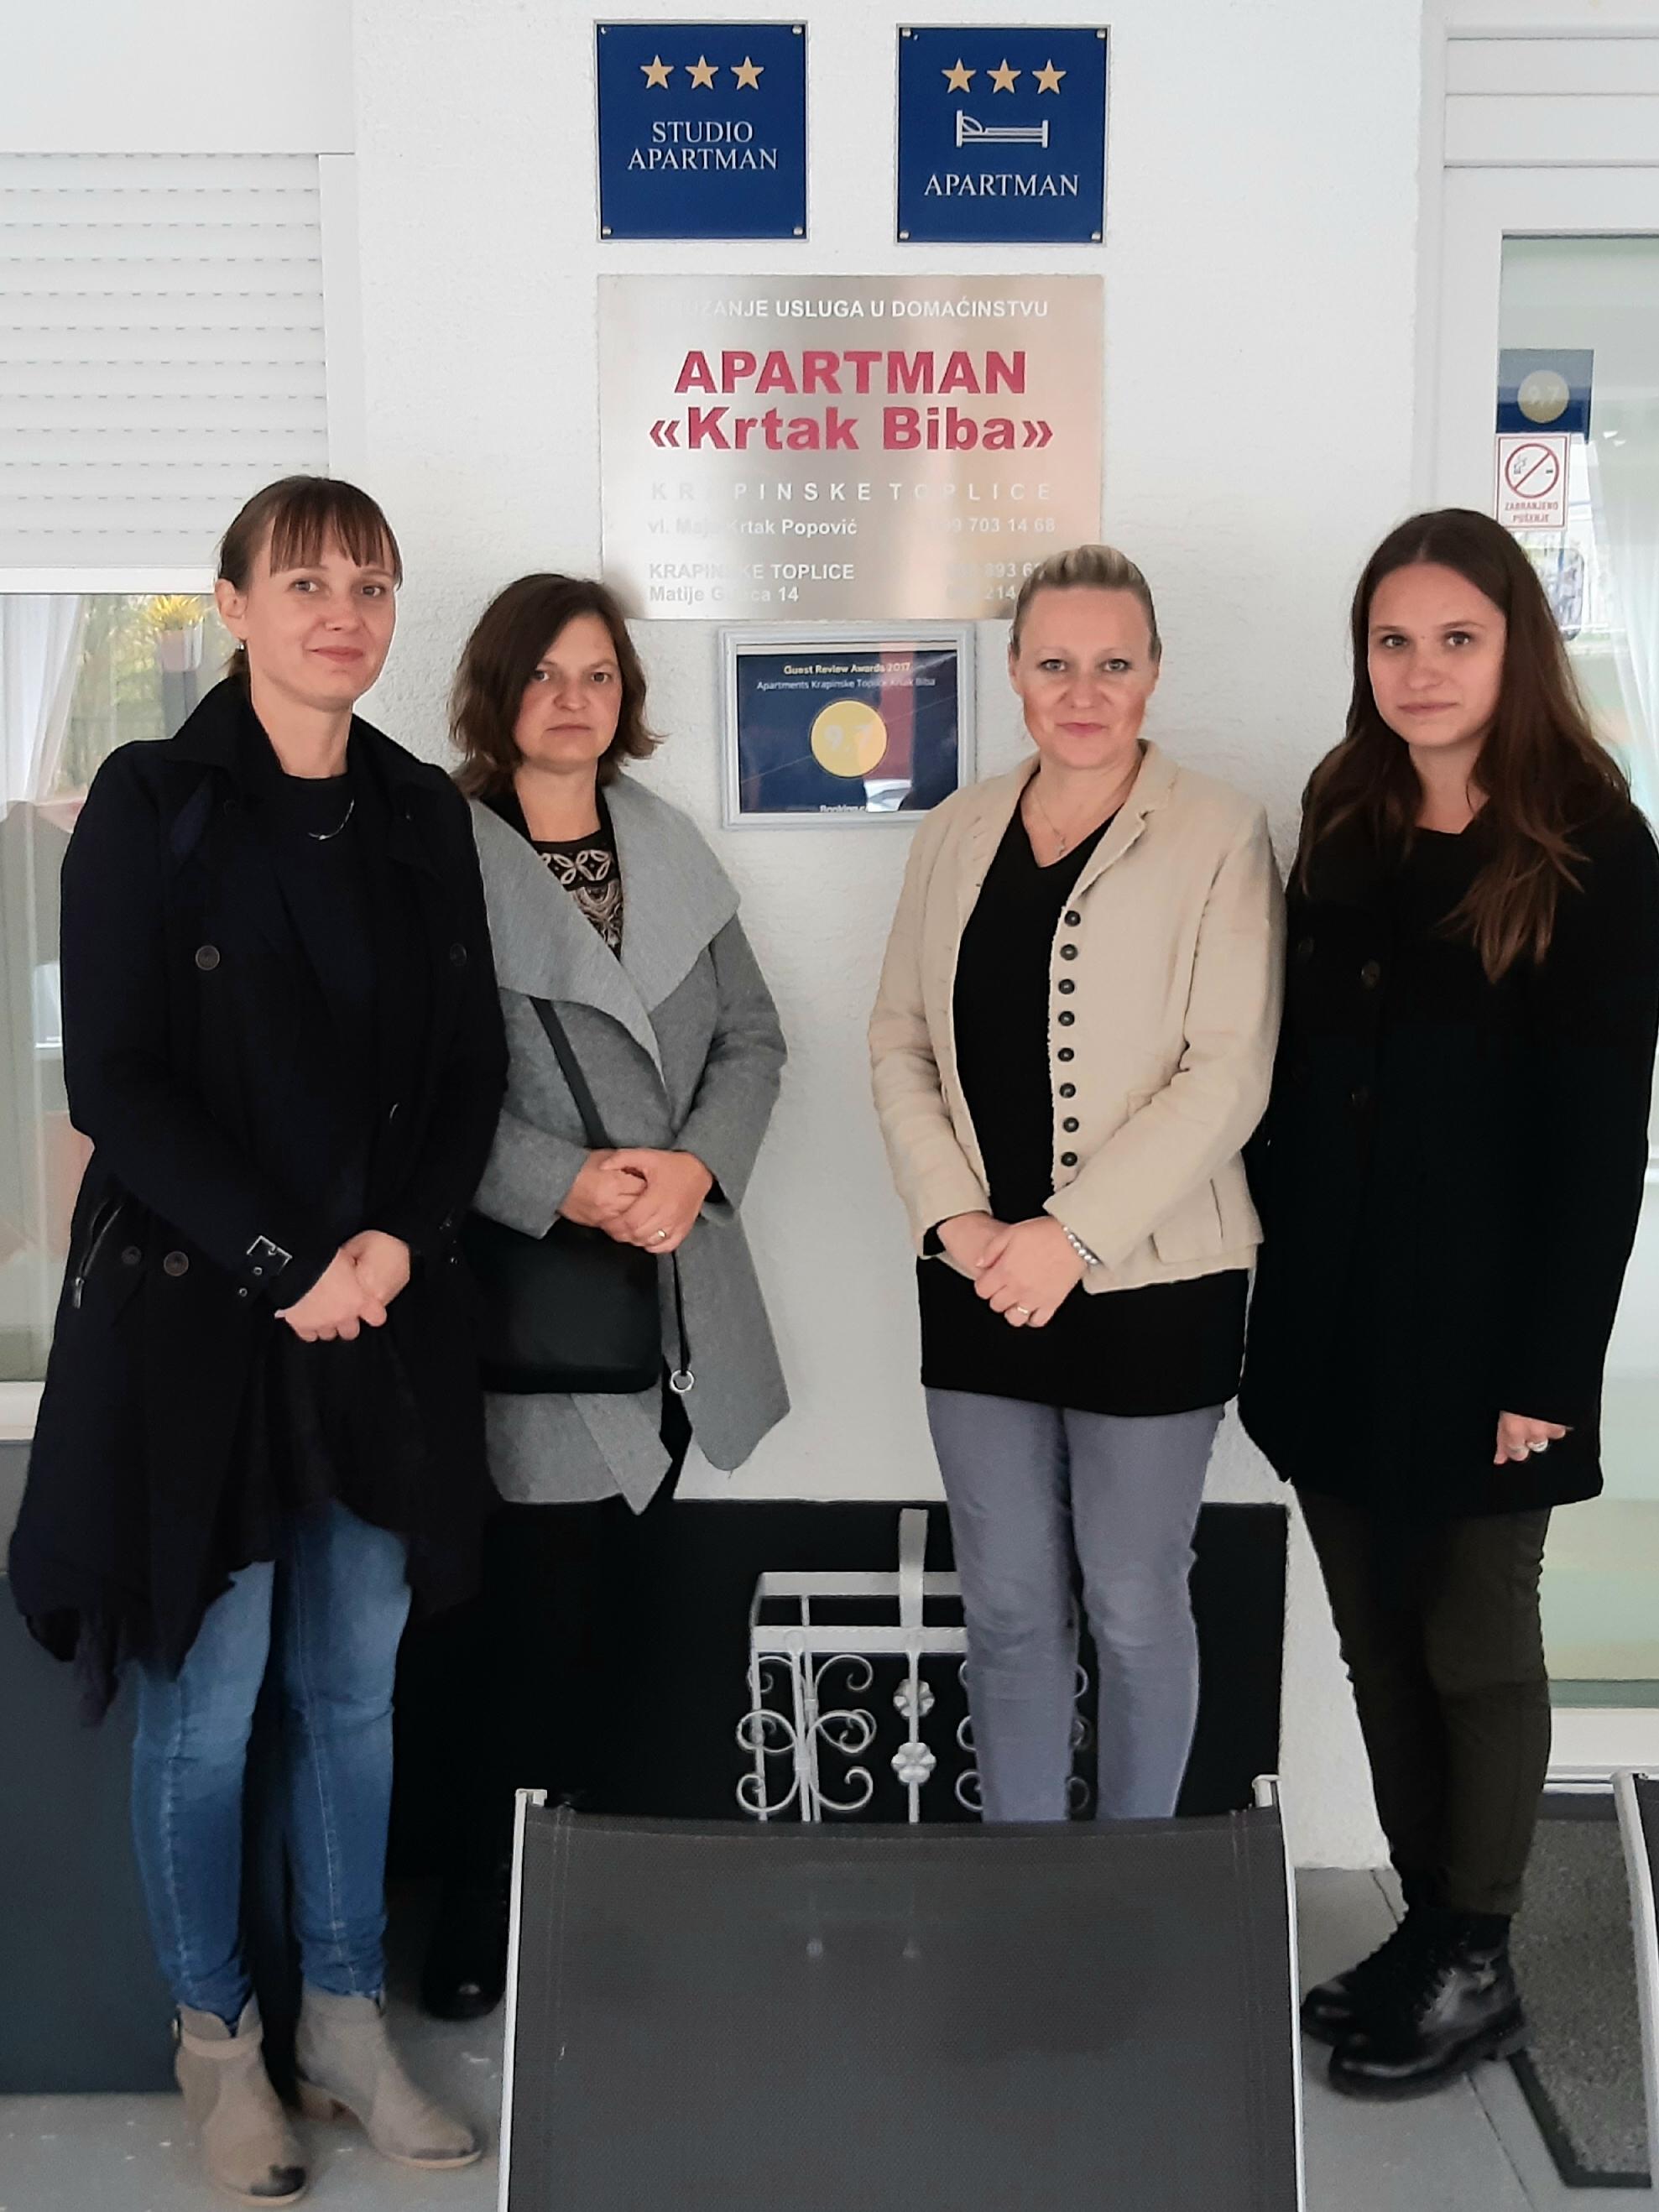 Istraživači s domaćicom - Karolina Hostić, Milka Fučkar, Maja Krtak Popović i Nina Pajeska